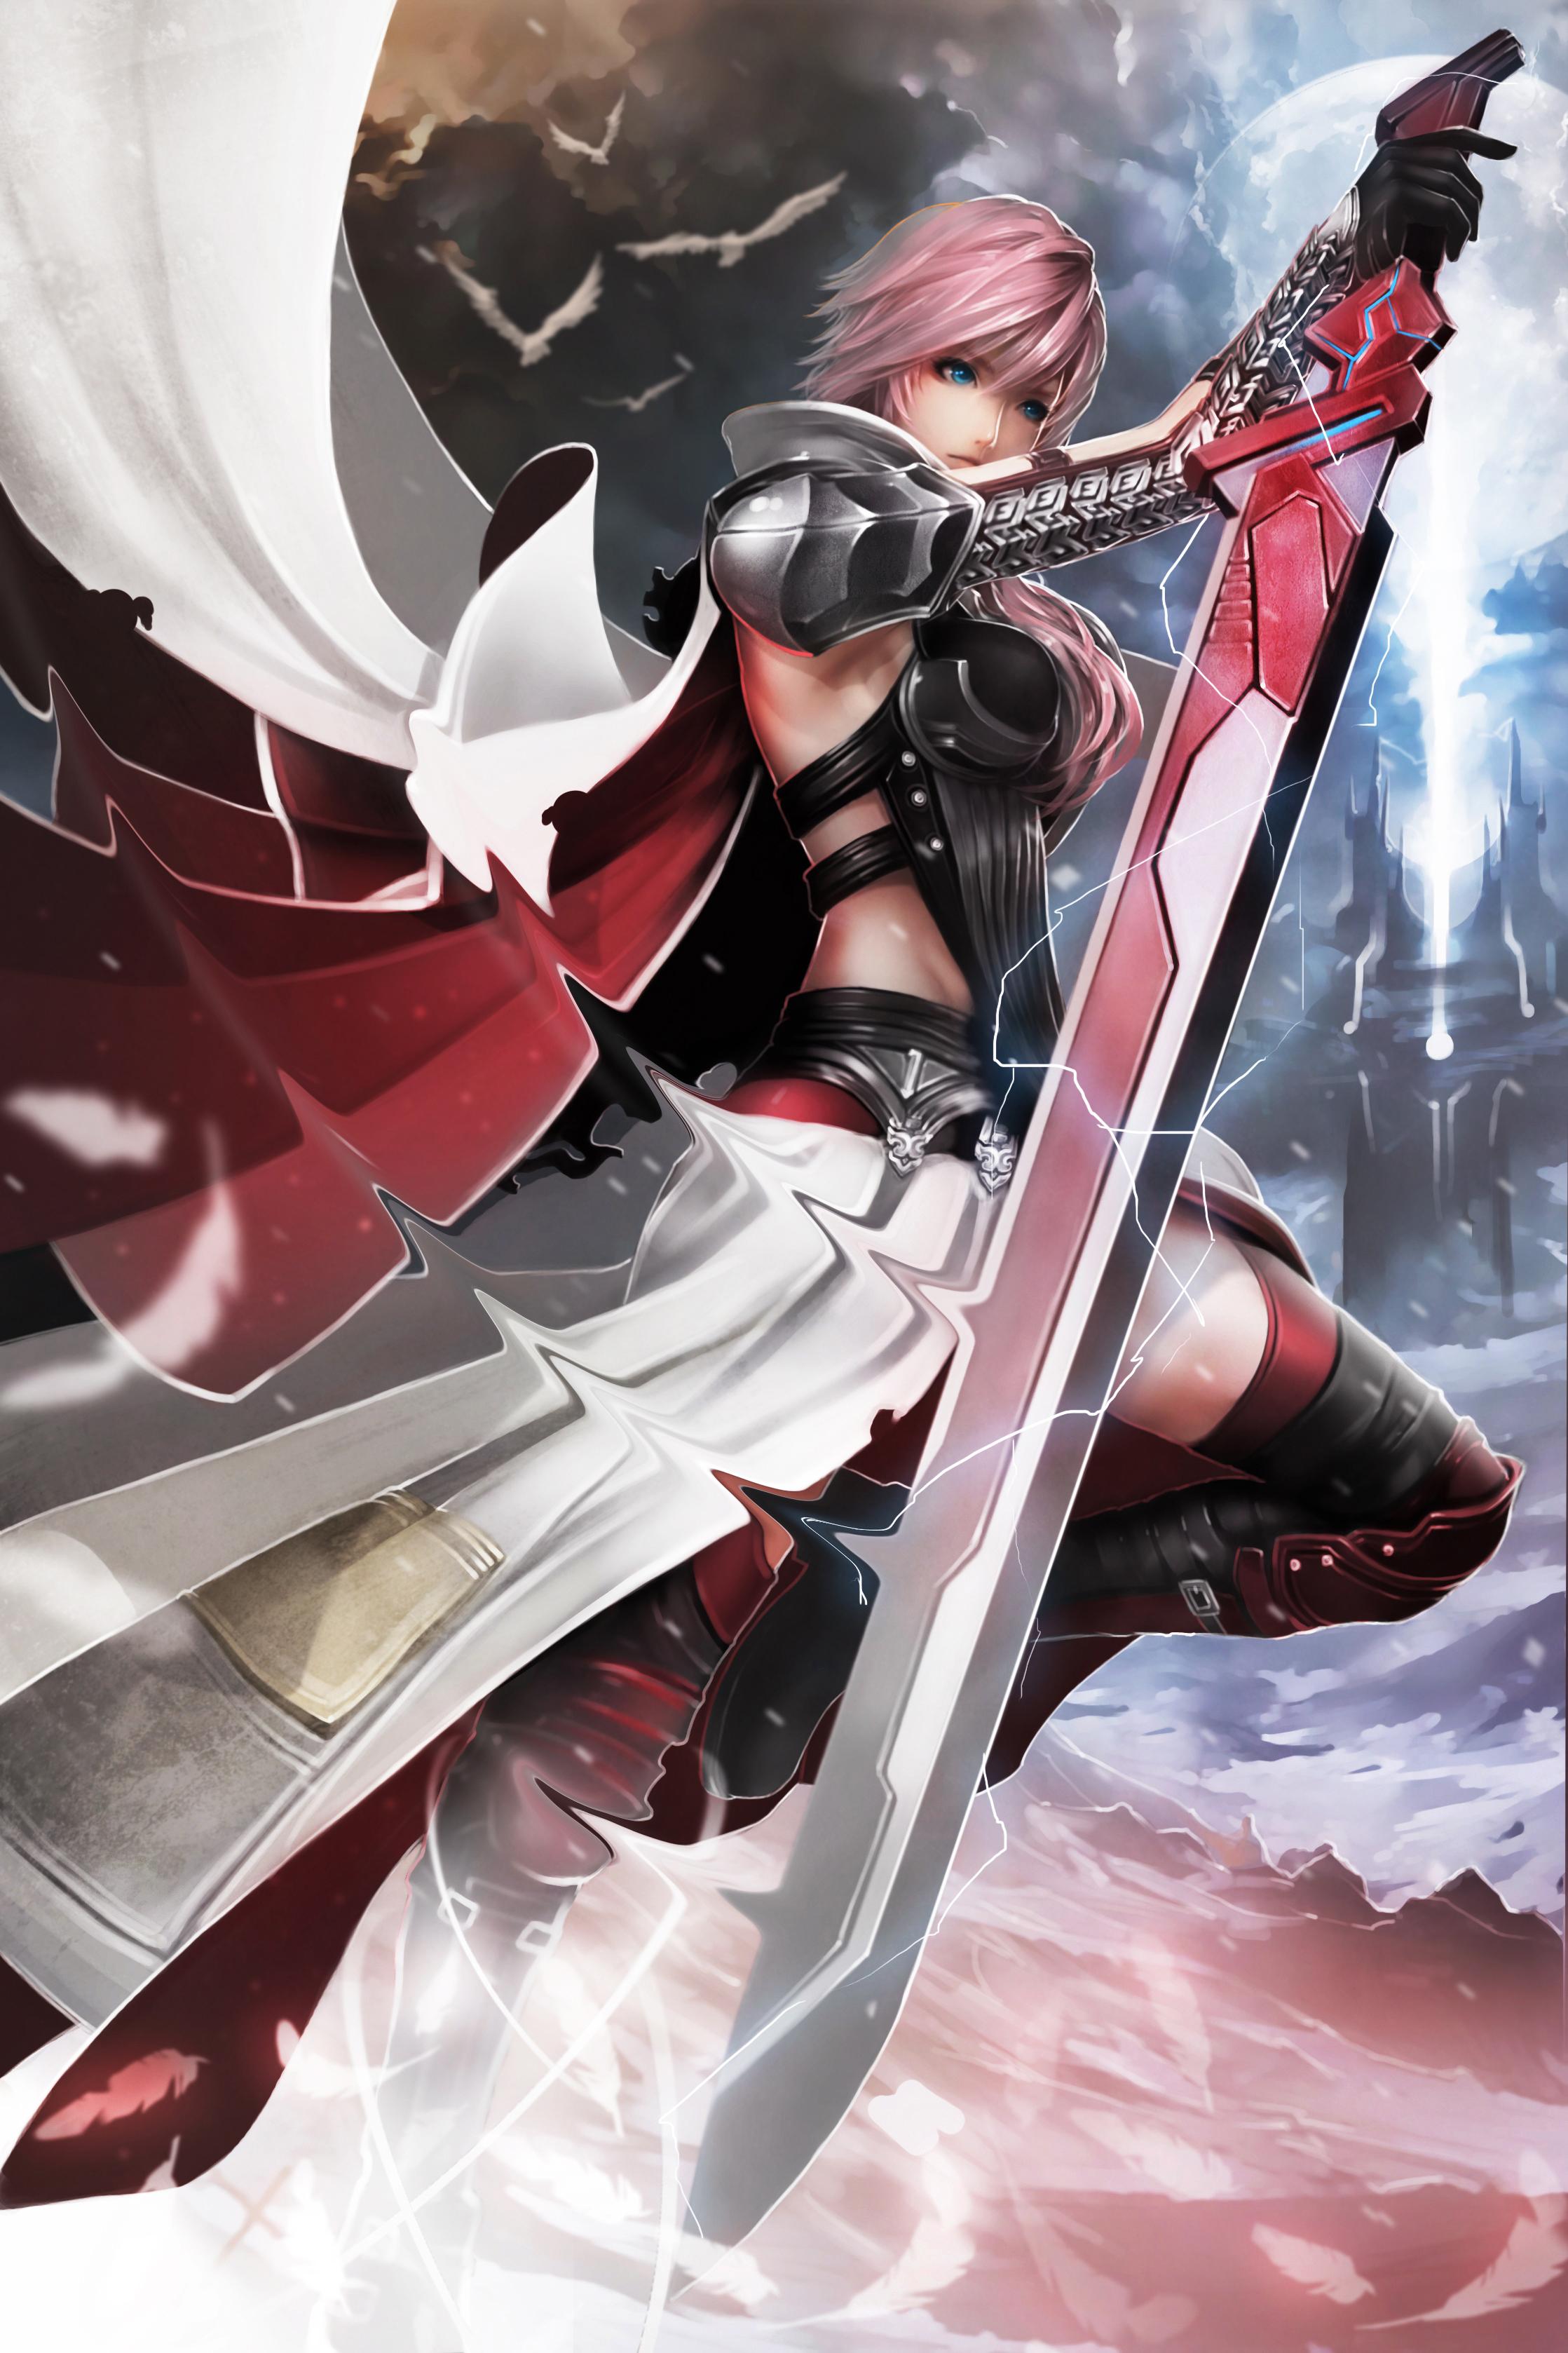 lightning farron (final fantasy, final fantasy xiii, and lightning